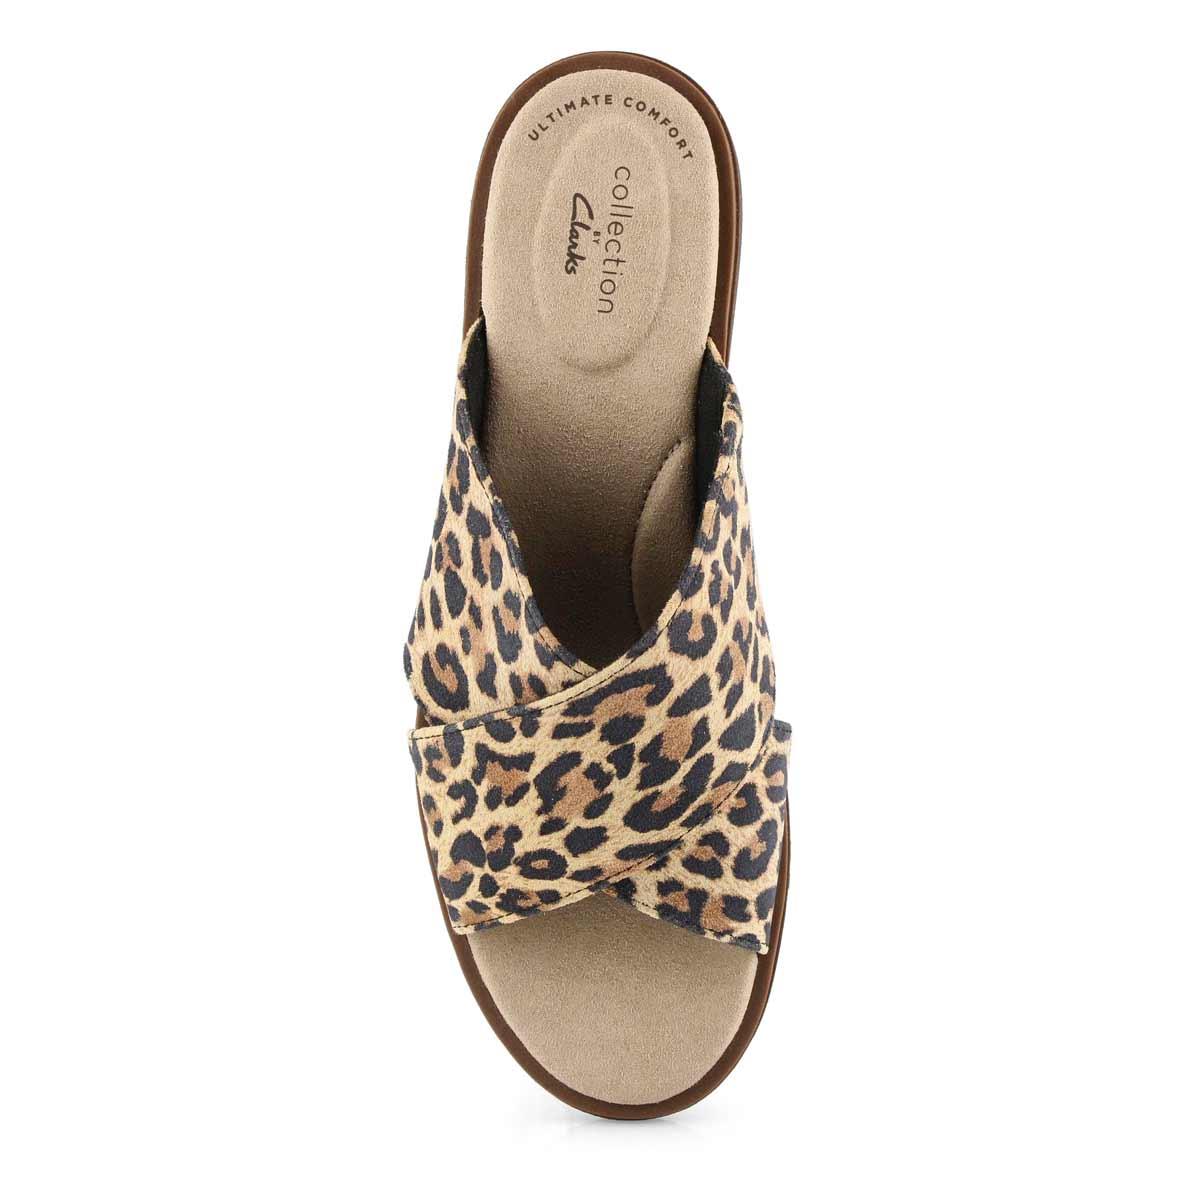 Women's Declan Ivy Slide Sandal - Tan Leopard